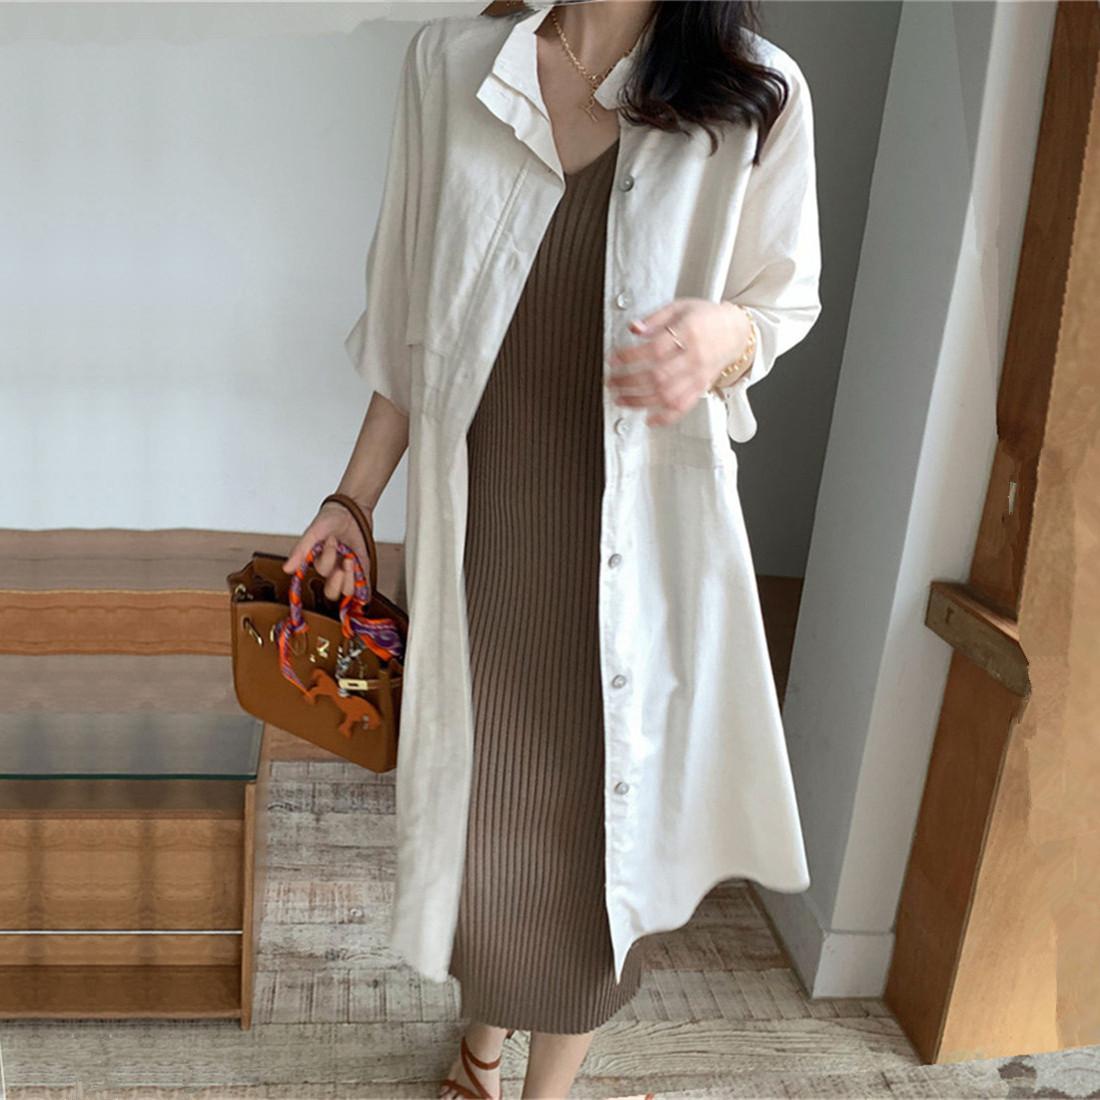 韓国 ファッション アウター コート 春 夏 カジュアル PTXK915  スタンドカラー ウエストシェイプ 羽織り ラフ オルチャン シンプル 定番 セレカジの写真2枚目